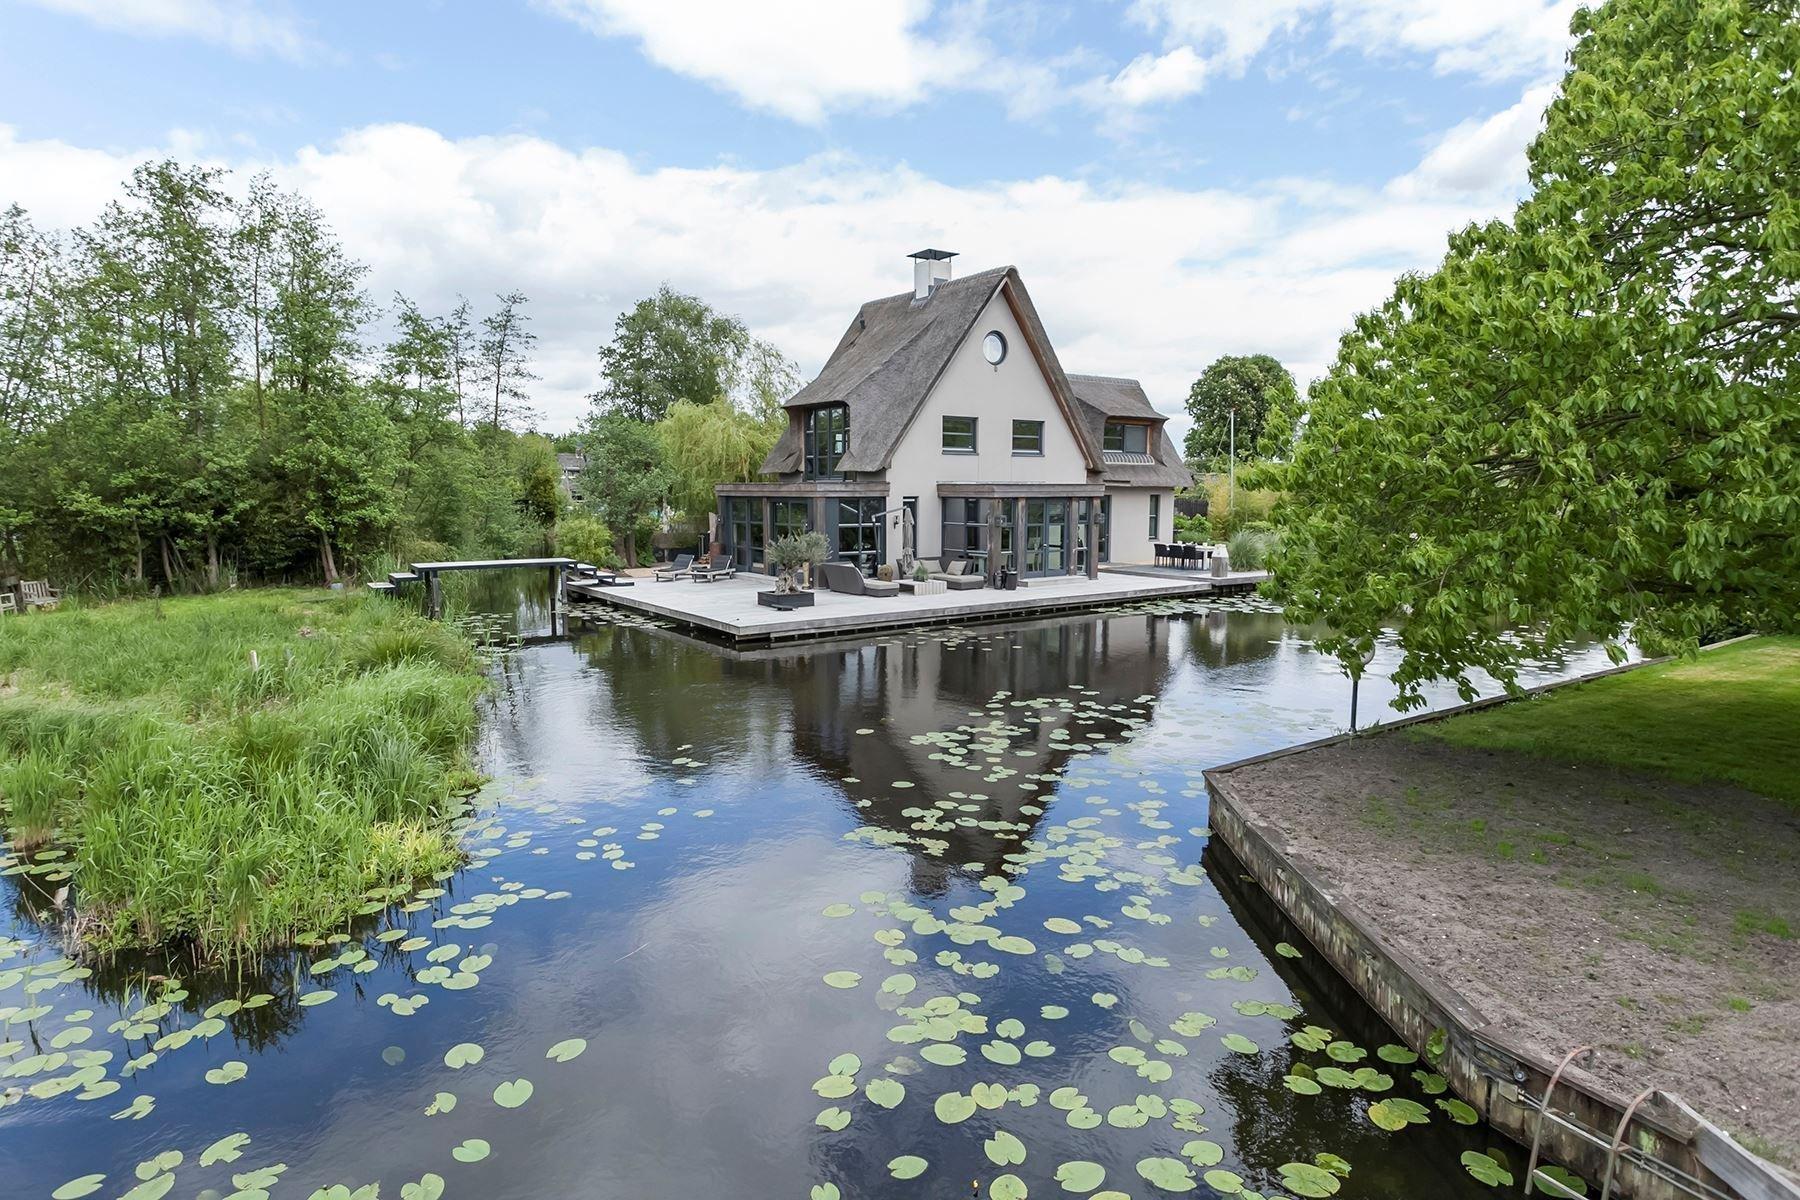 Nedaleko Amsterdamu vzniklo naprosto skvostné bydlení obklopené vodou a lesy. Tato kouzelná vila usazená v blízkosti přírodní rezervace je jakoby vytržená z reality všedních dnů. Působí totiž neskutečně klidným a vyrovnaným dojmem, čemuž vděčí těsnému sepětí s přírodou.